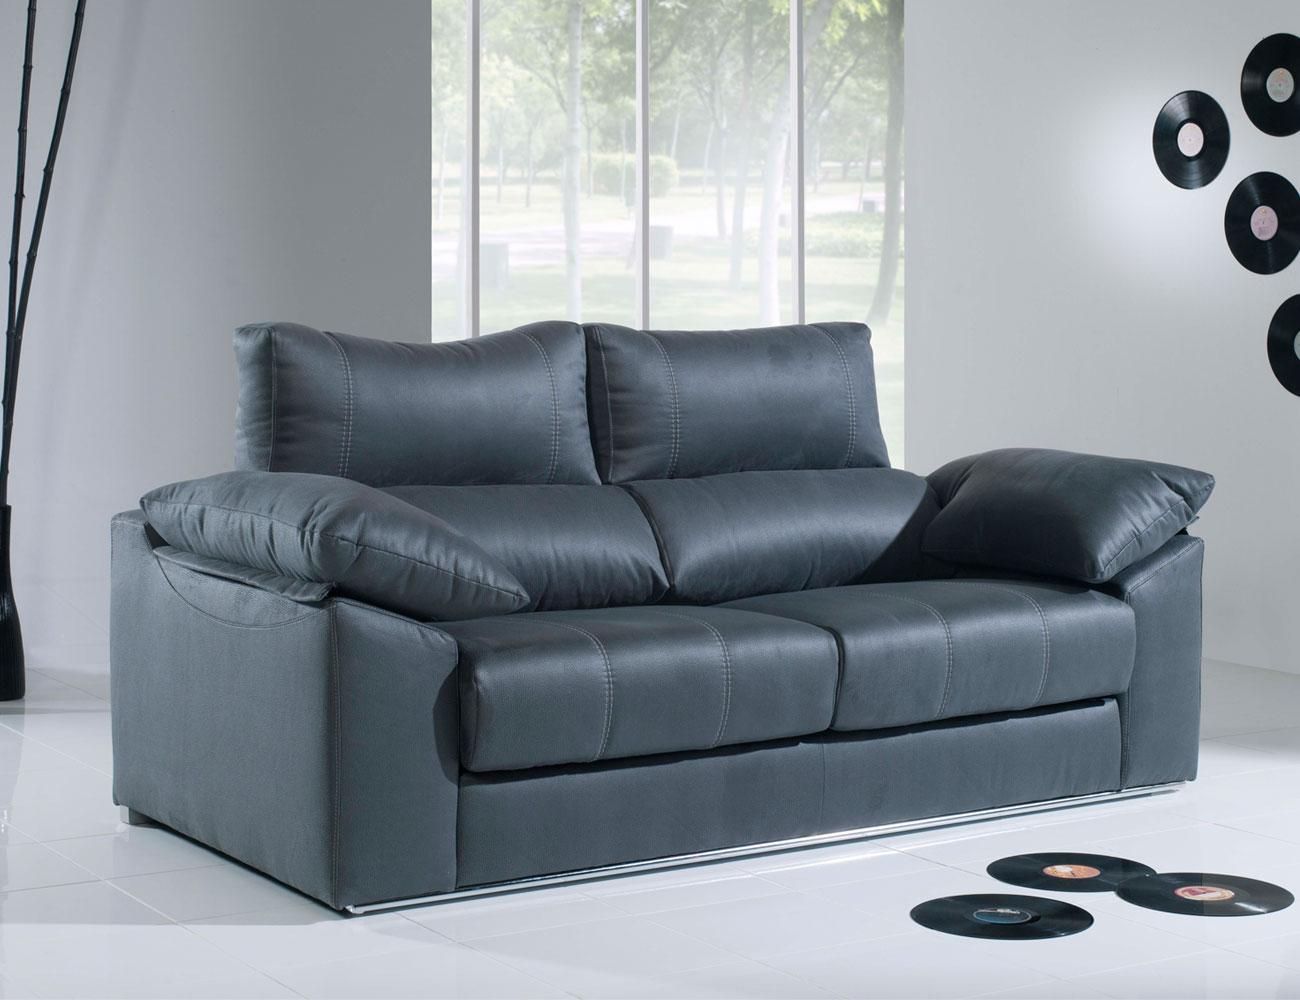 Sofa 3 plazas moderno con barra13